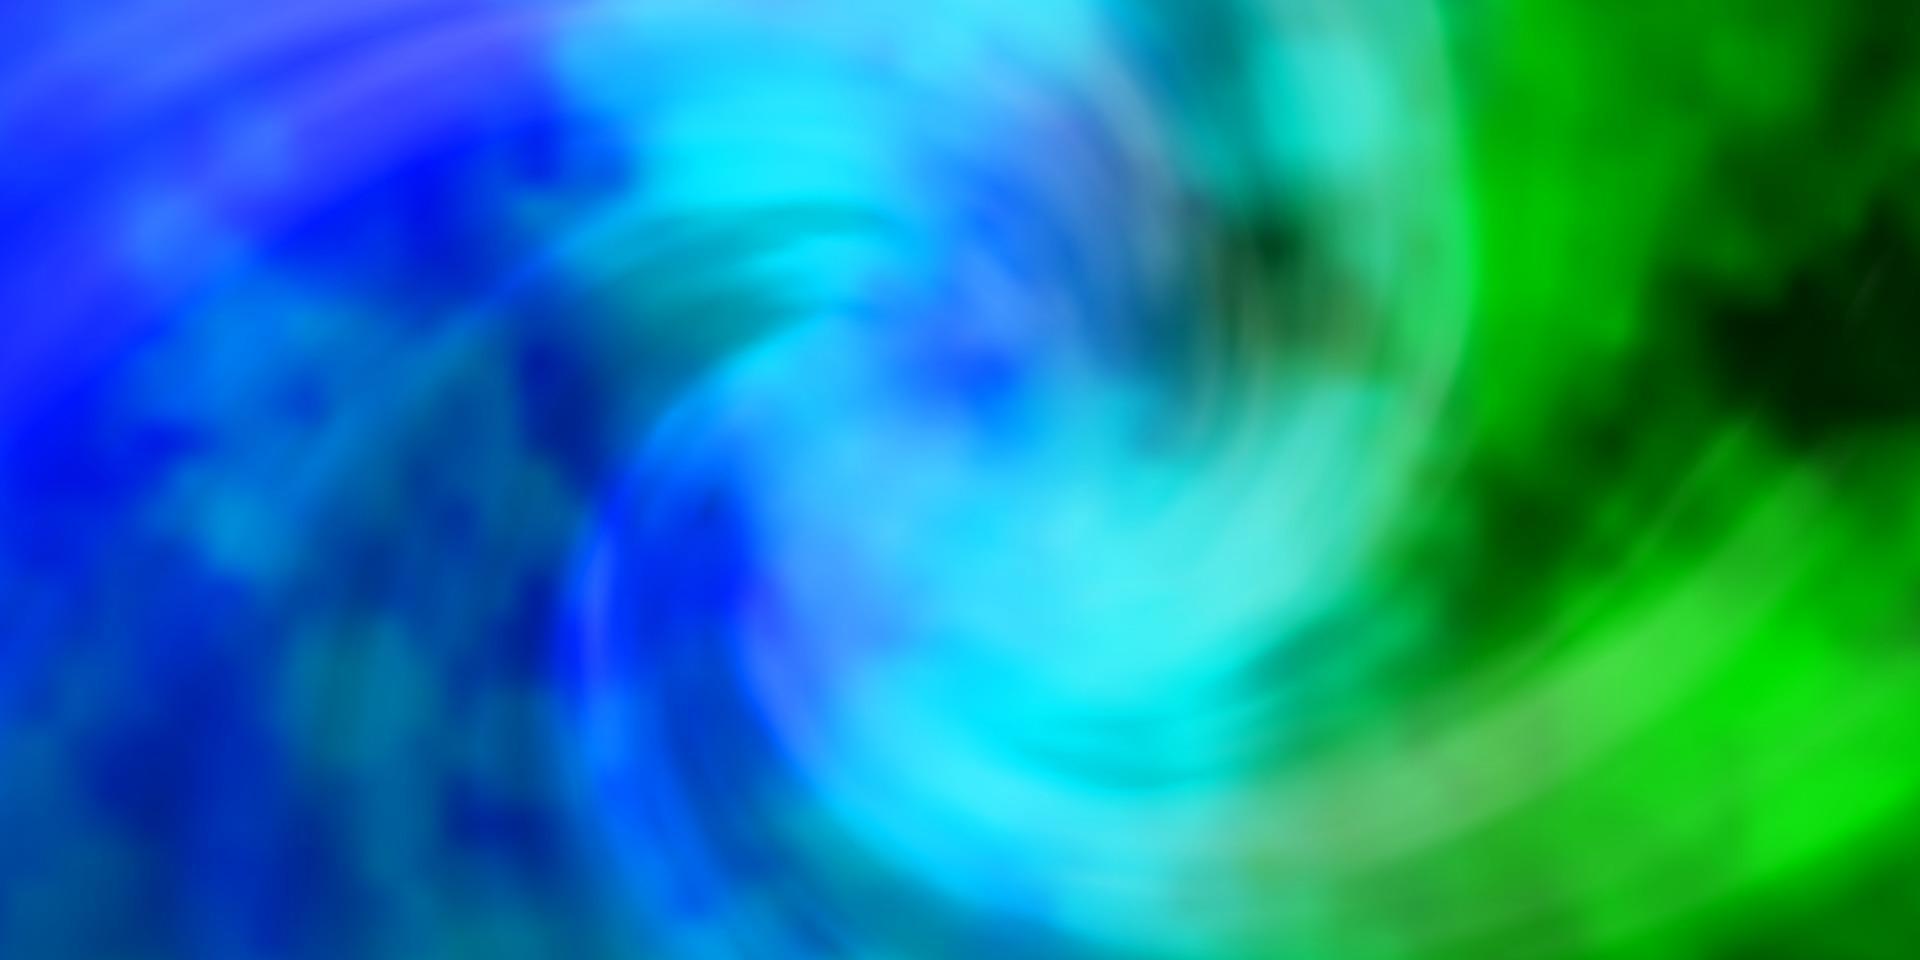 sfondo vettoriale azzurro, verde con nuvole.